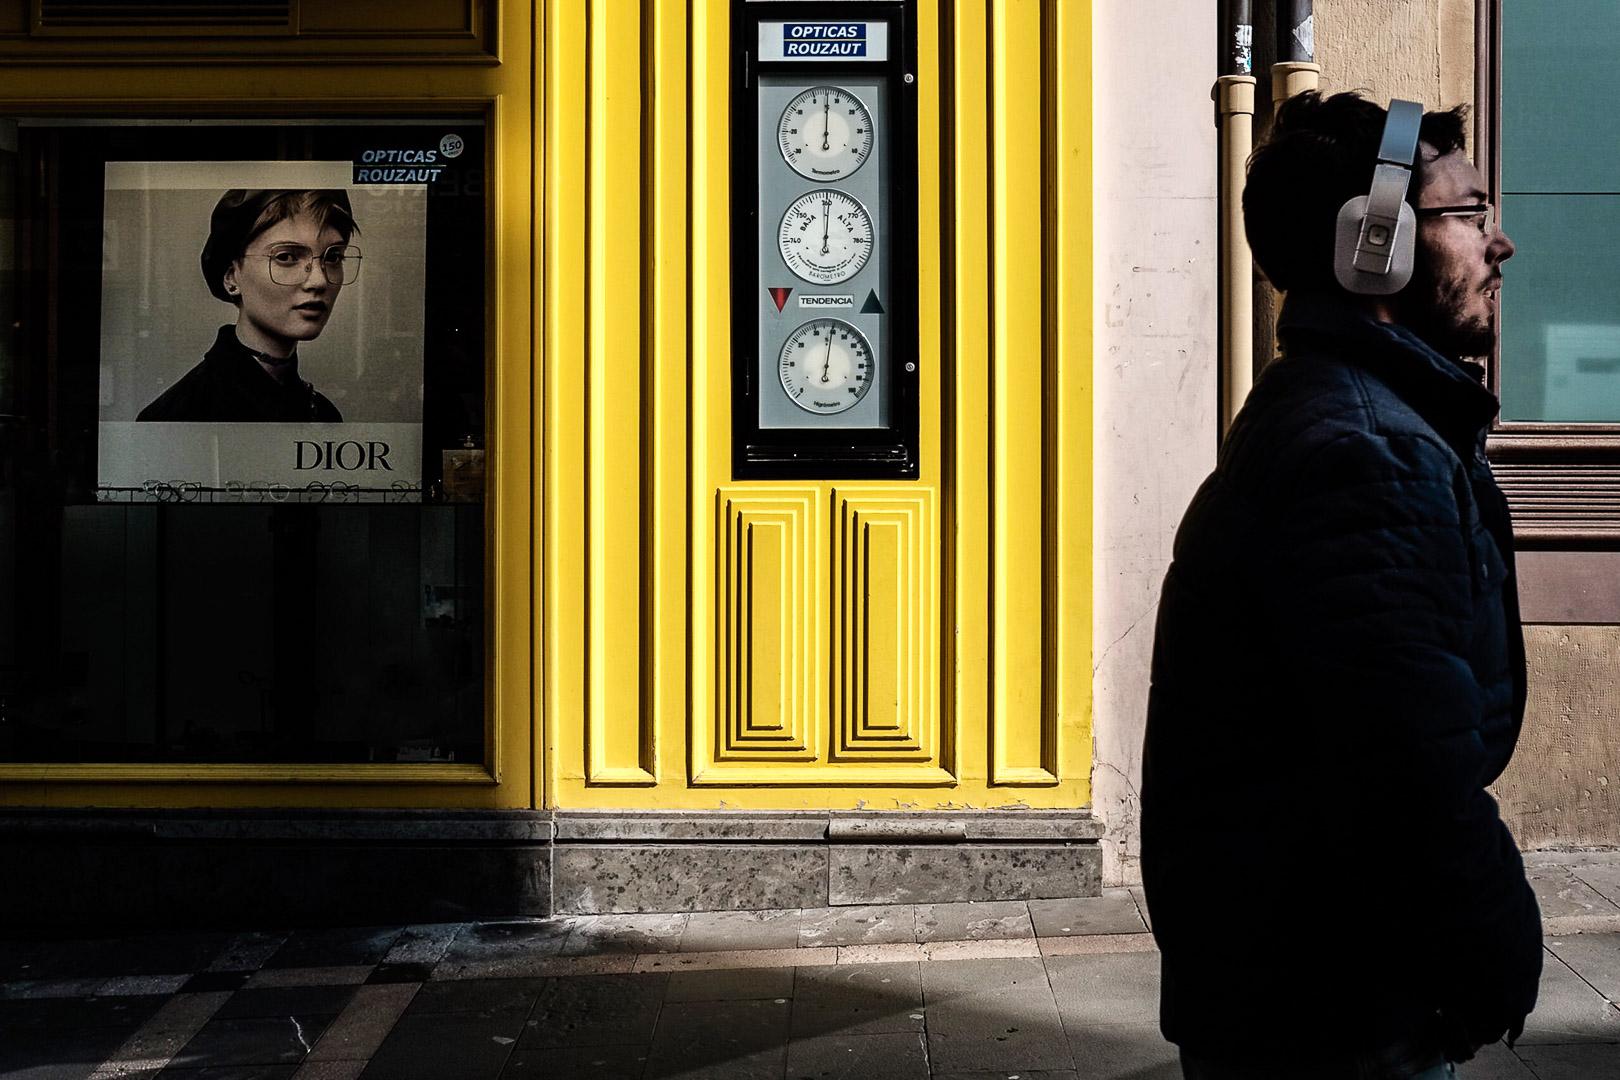 curso de fotografia de calle en Pamplona por Rober tomas